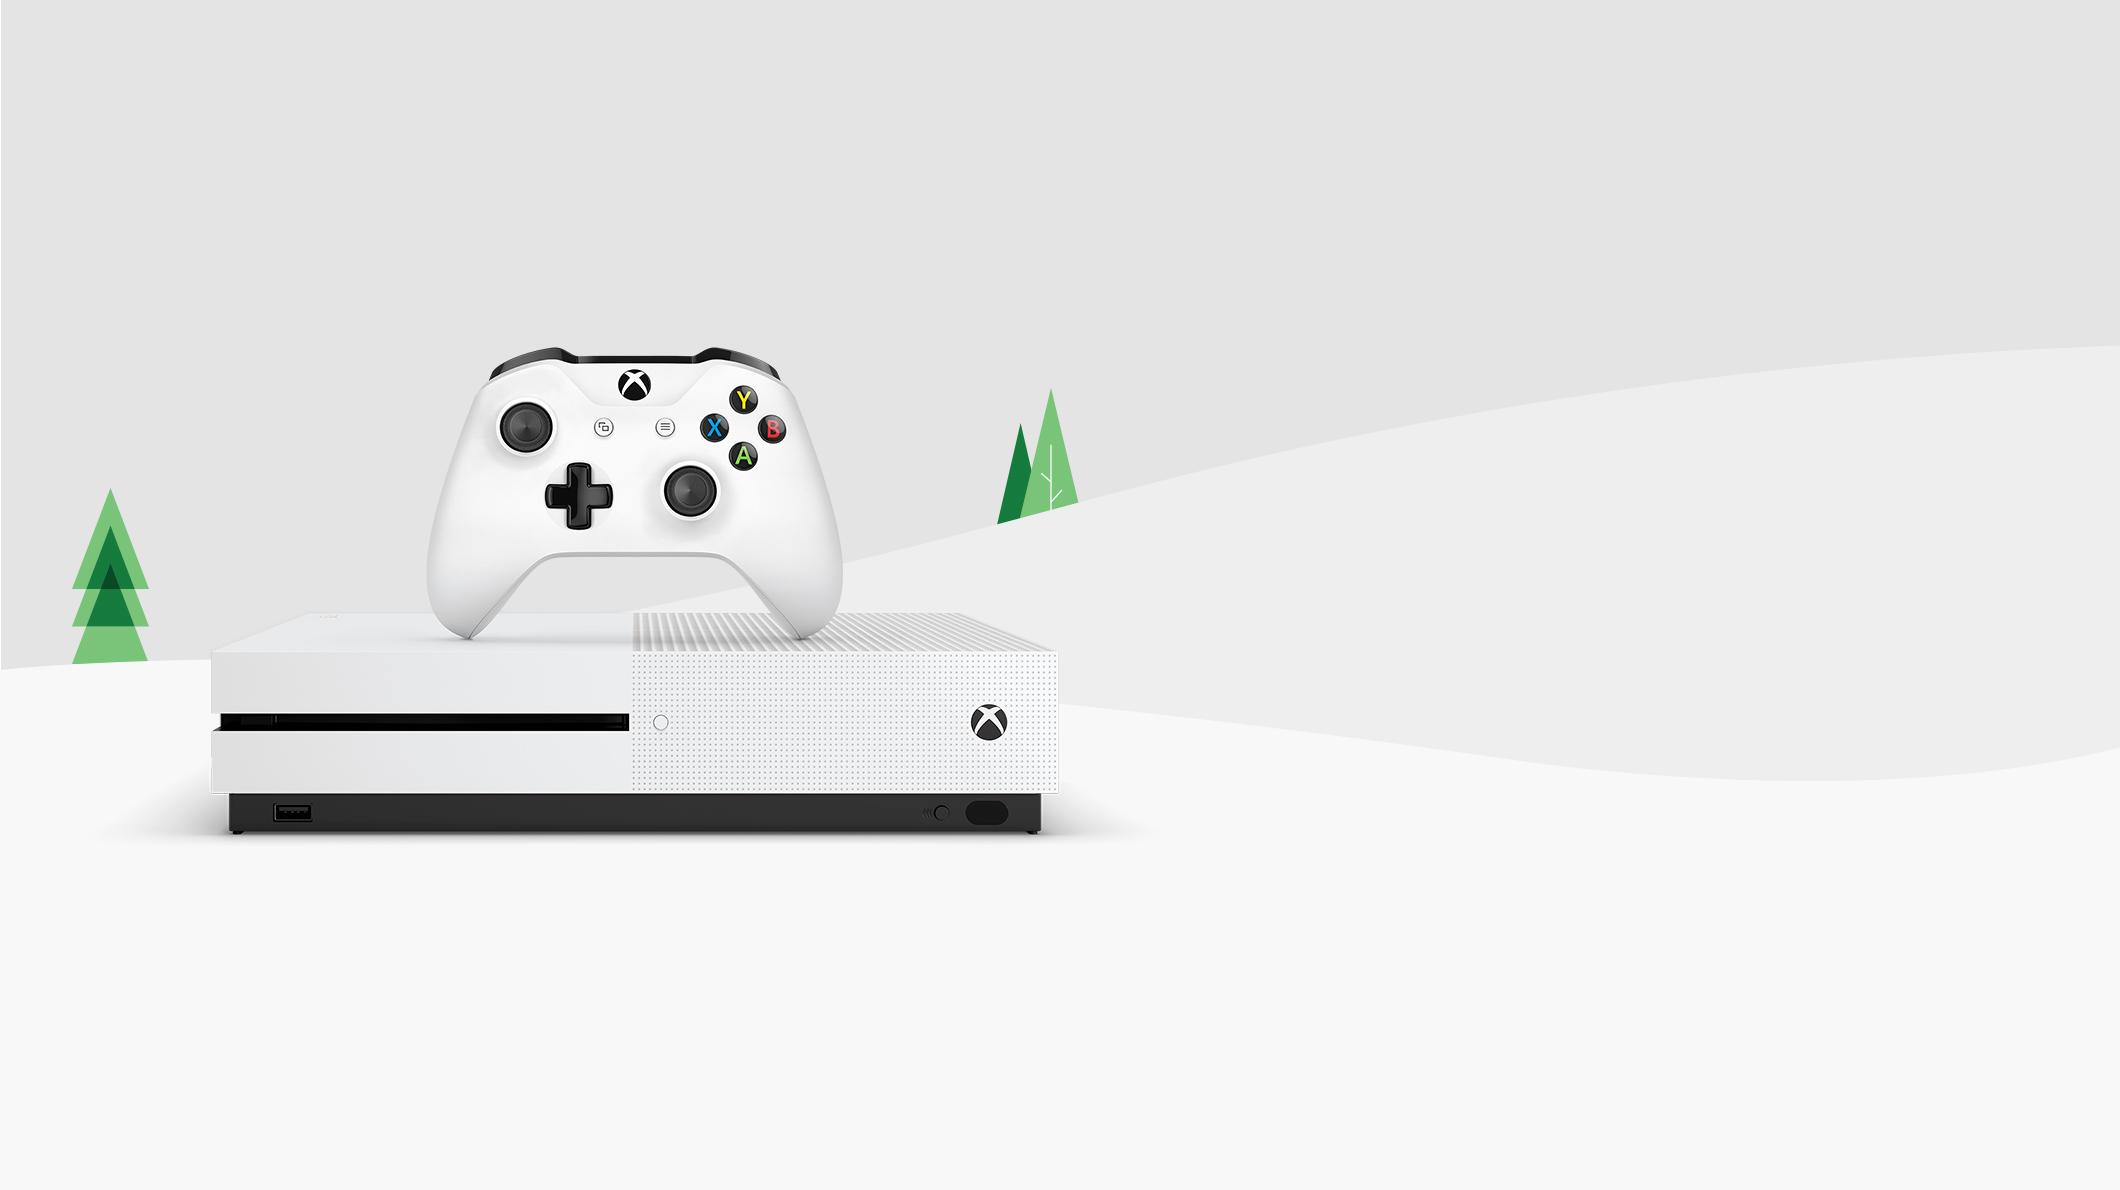 Xbox One S konzol és egy kontroller